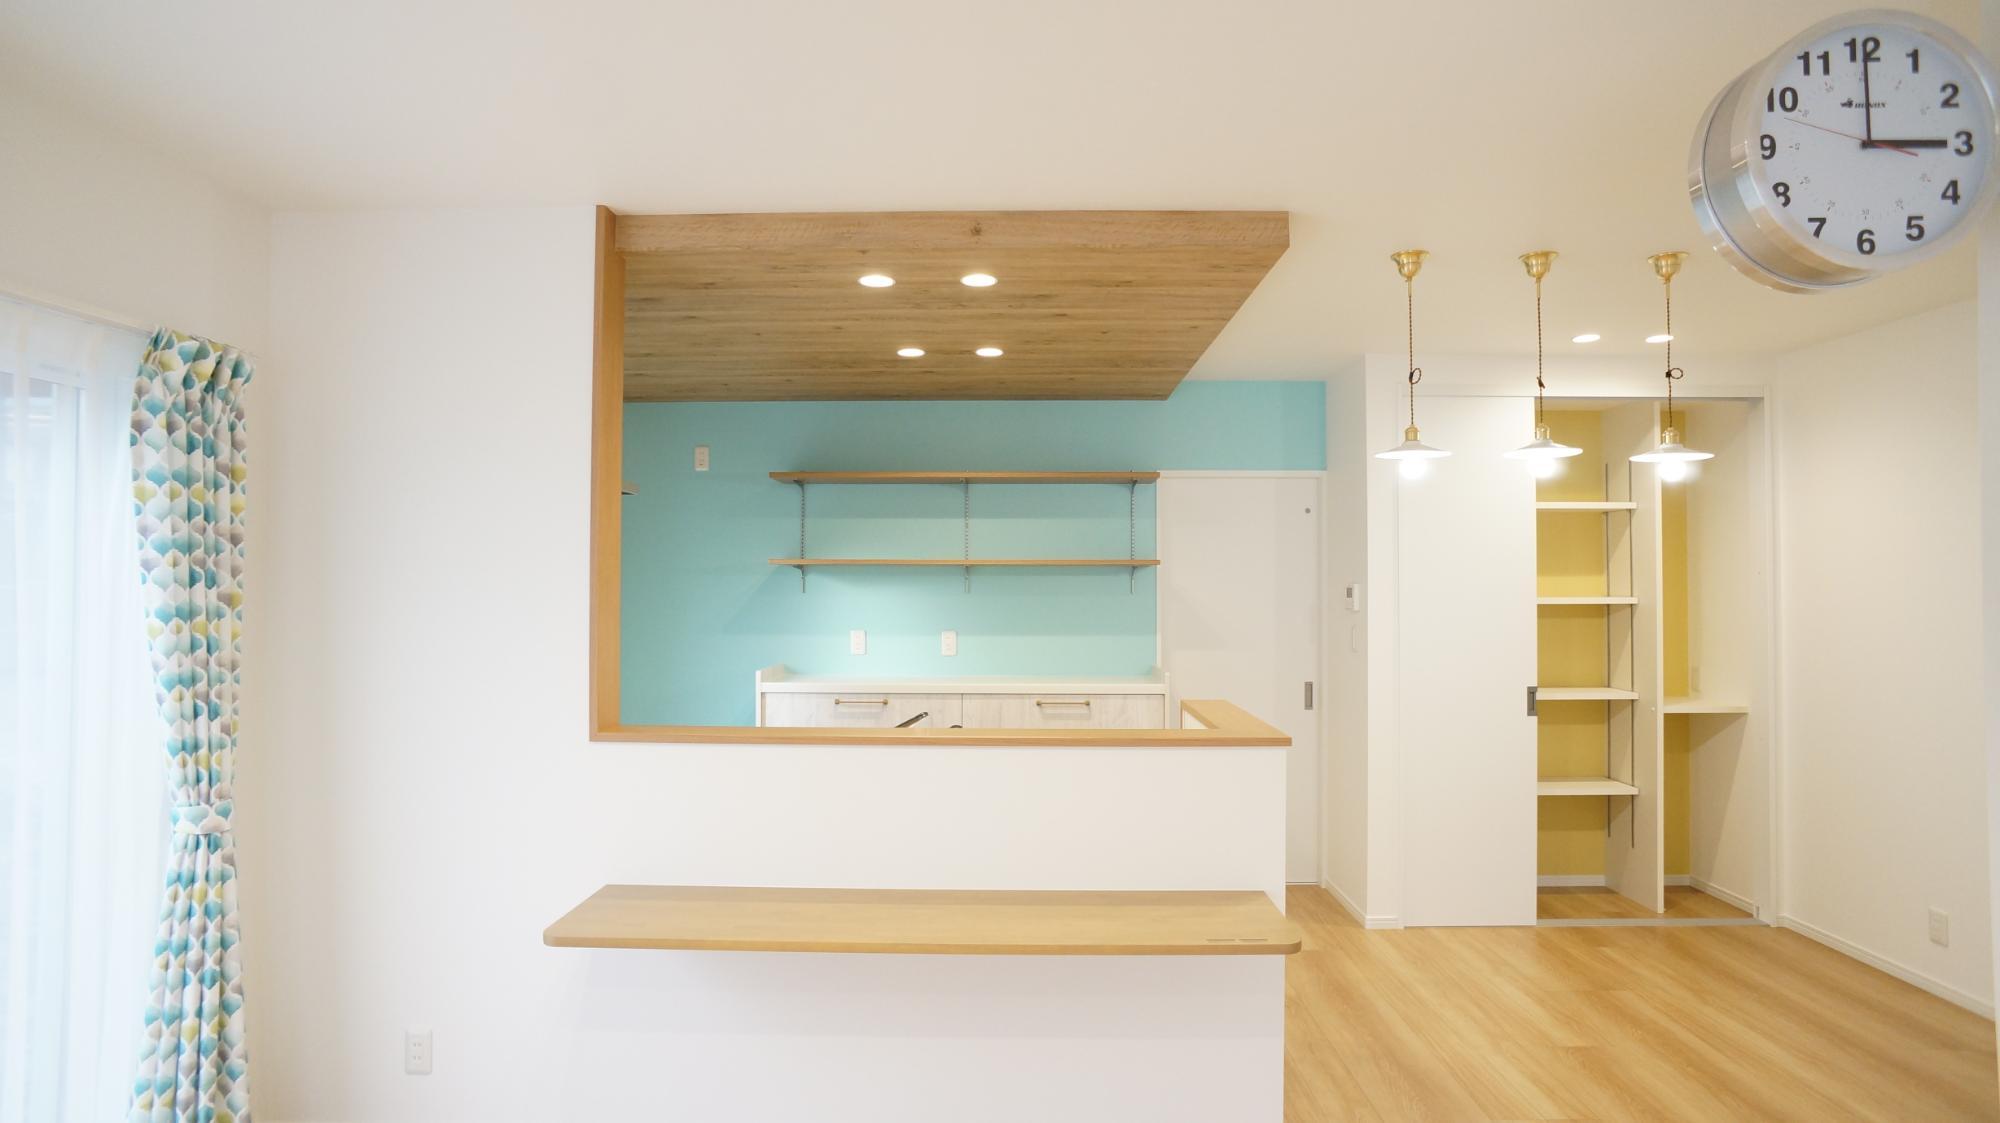 H.FACTORY/株式会社 橋本技建「爽やかな西海岸スタイルの家」の実例写真